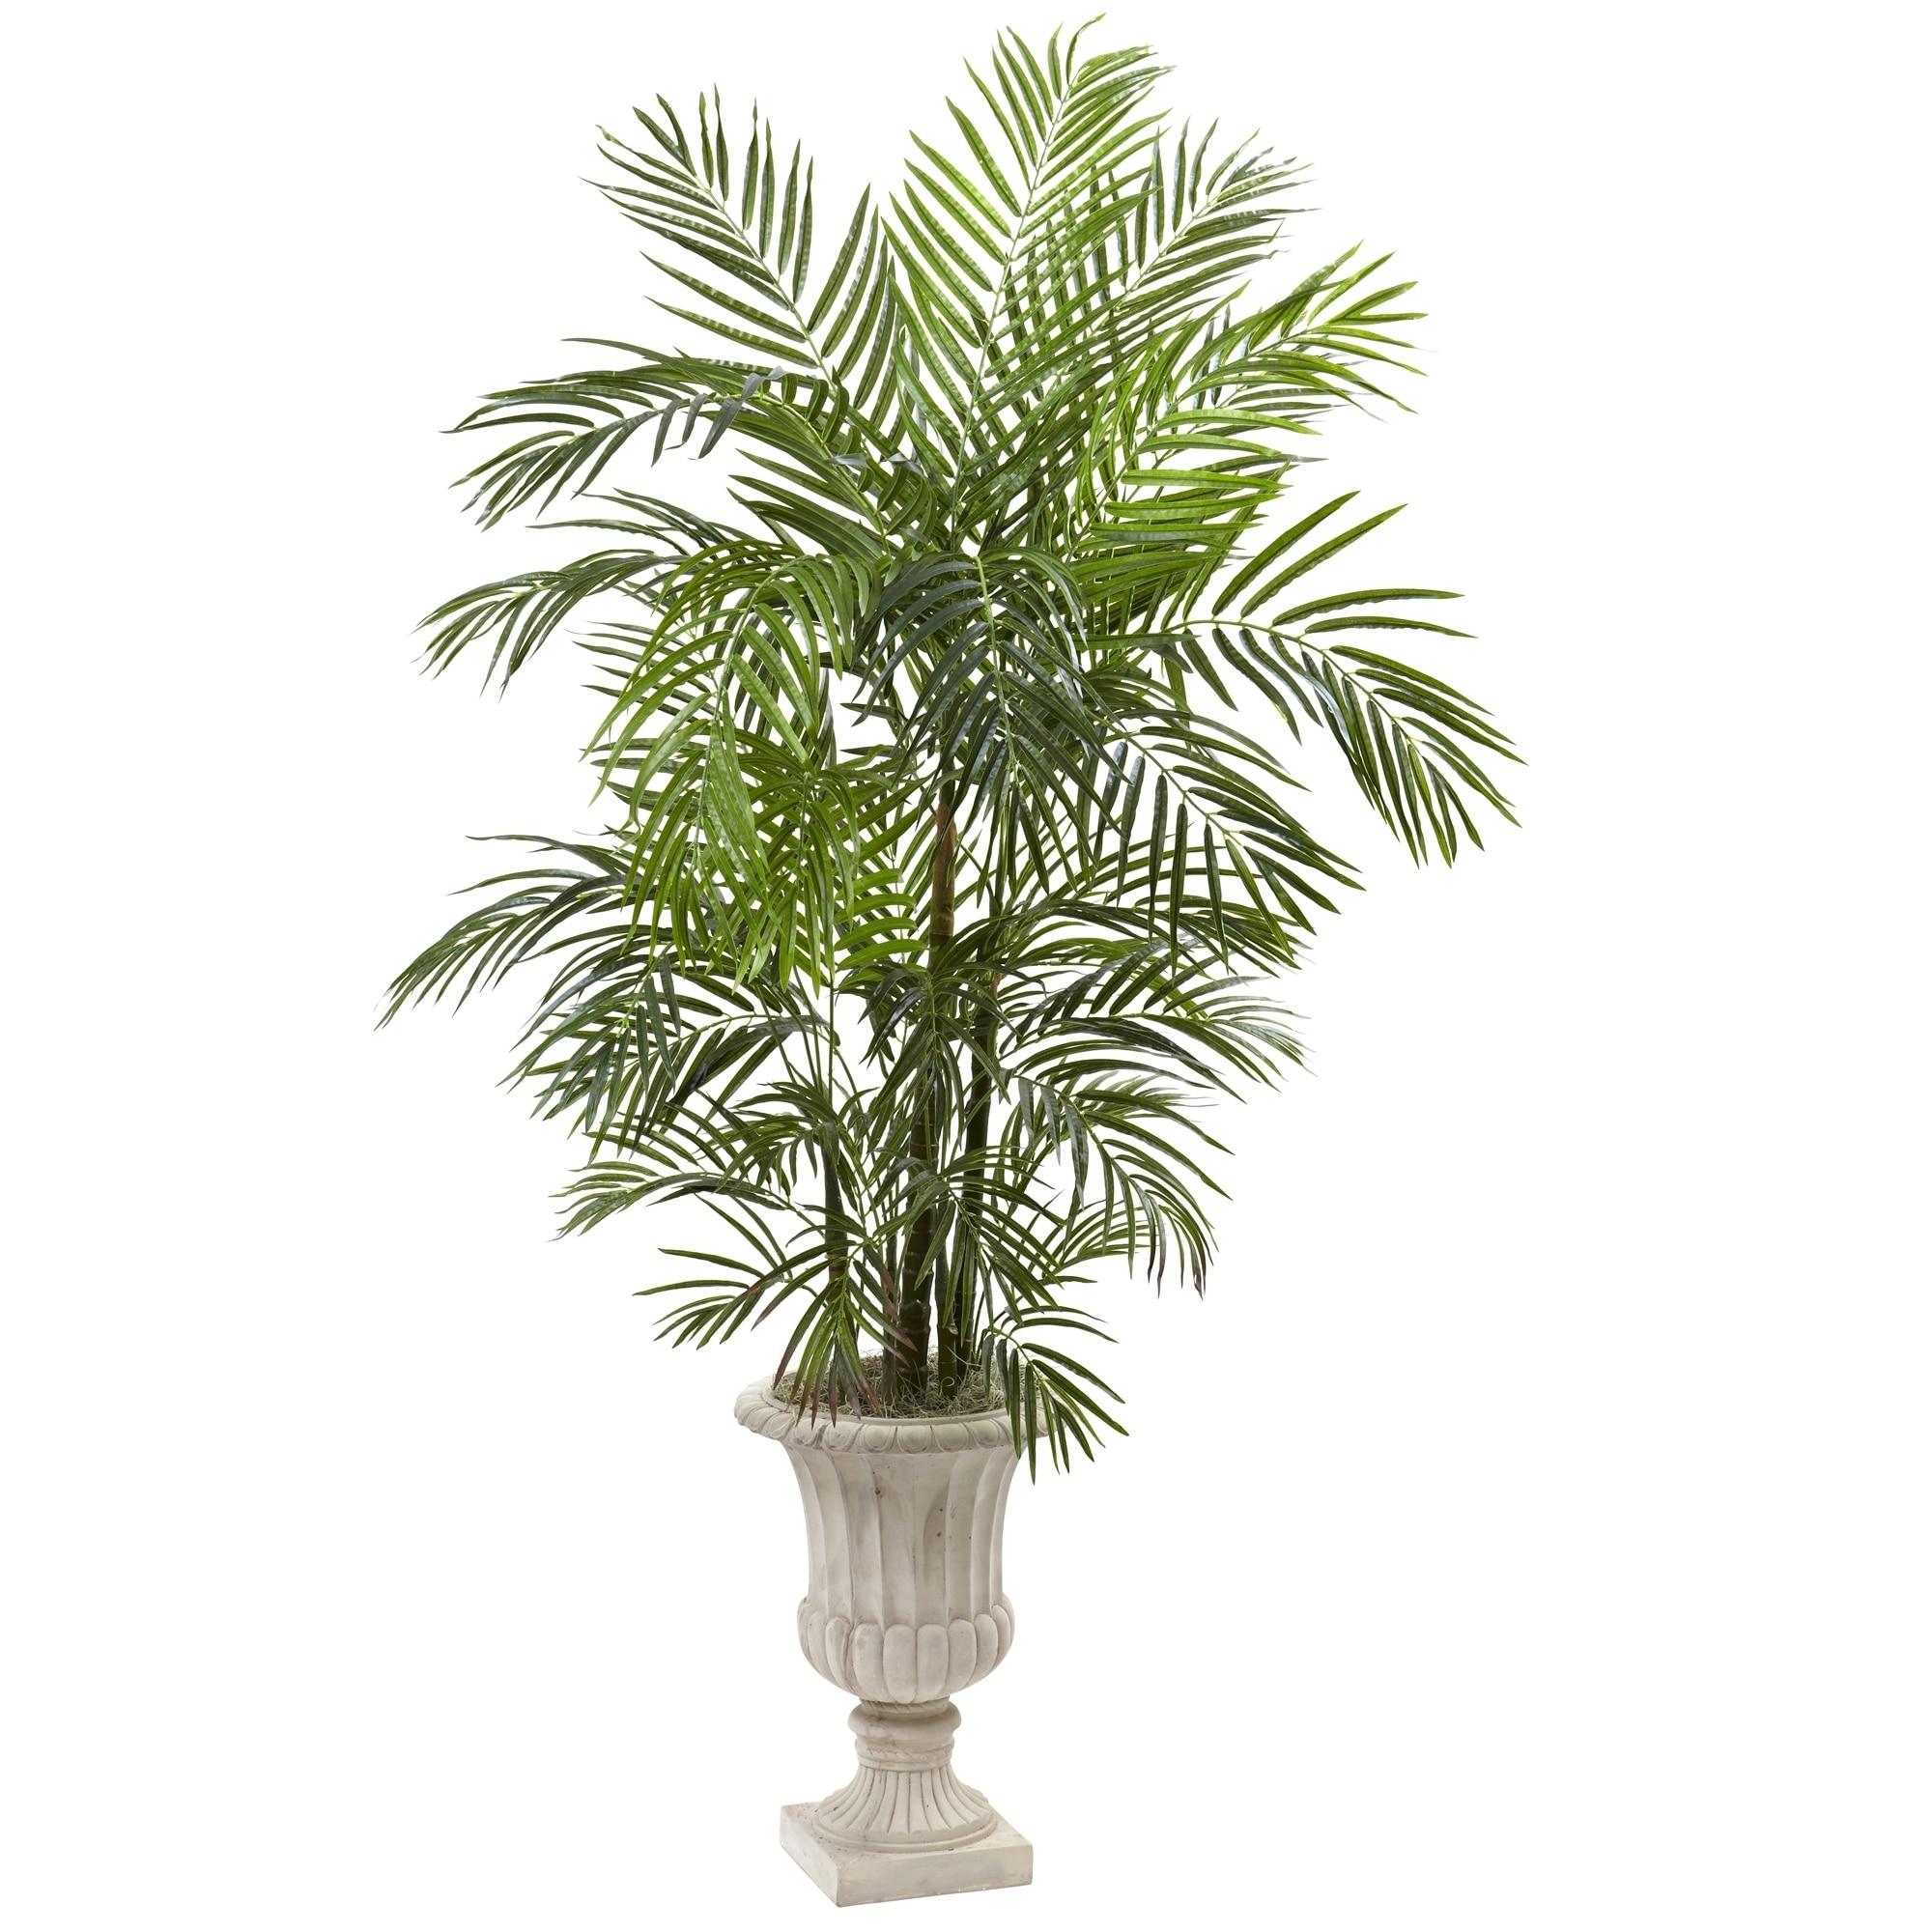 6 Areca Palm Artificial Tree in Urn UV Resistant (Indoor/Outdoor)